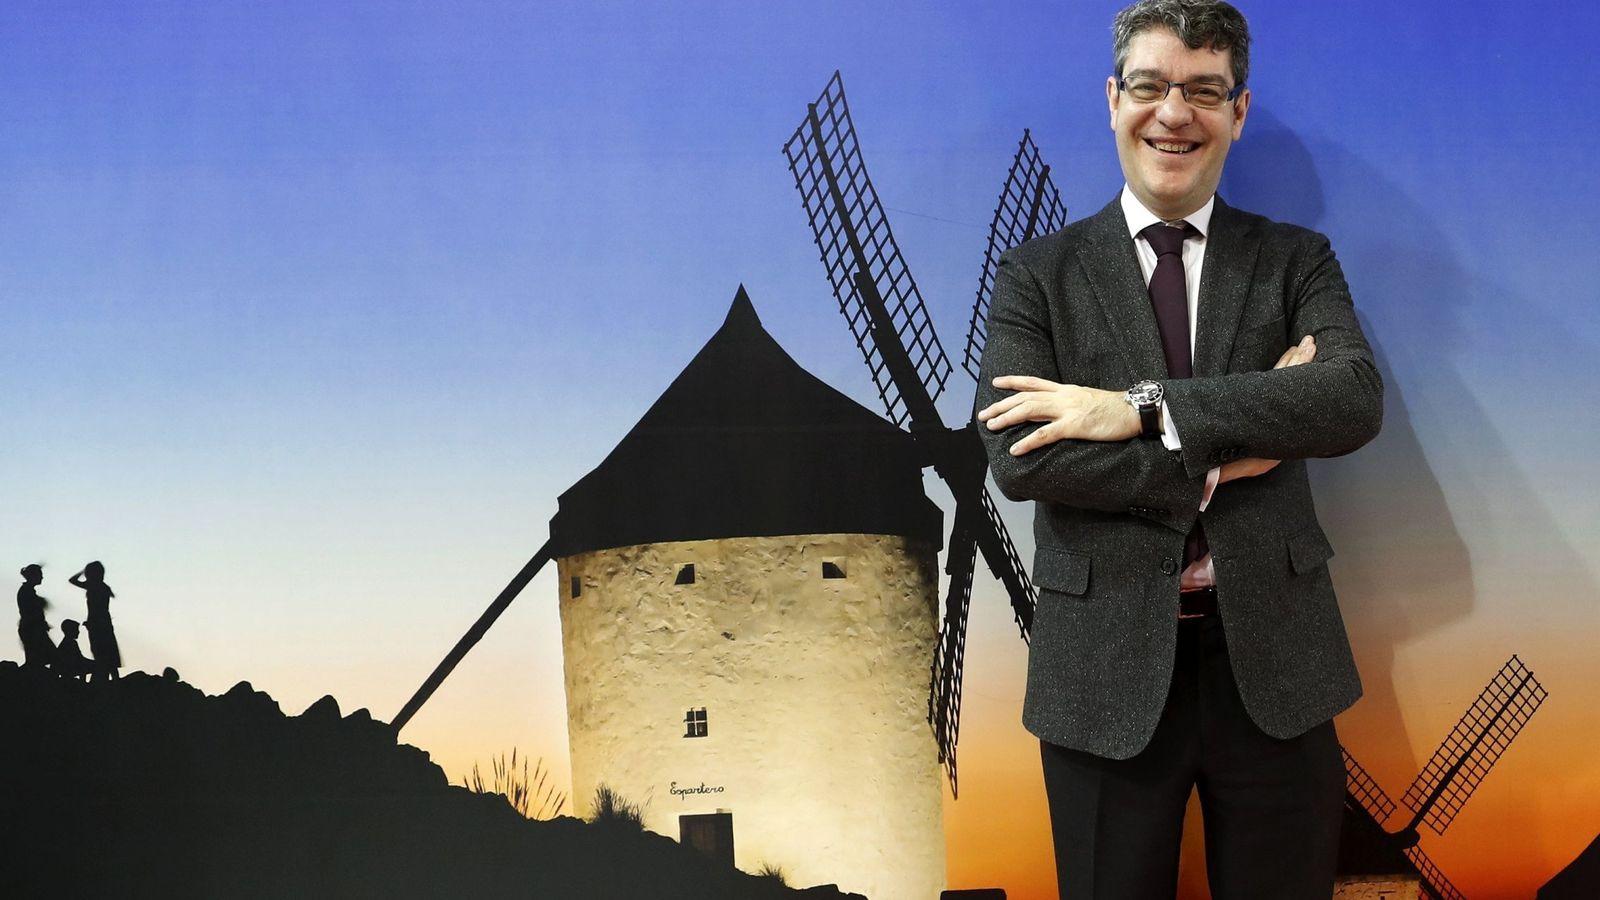 Foto: El ministro español de Turismo, Álvaro Nadal, posa para los medios durante su visita al stand de España en la Feria de Turismo. (EFE)